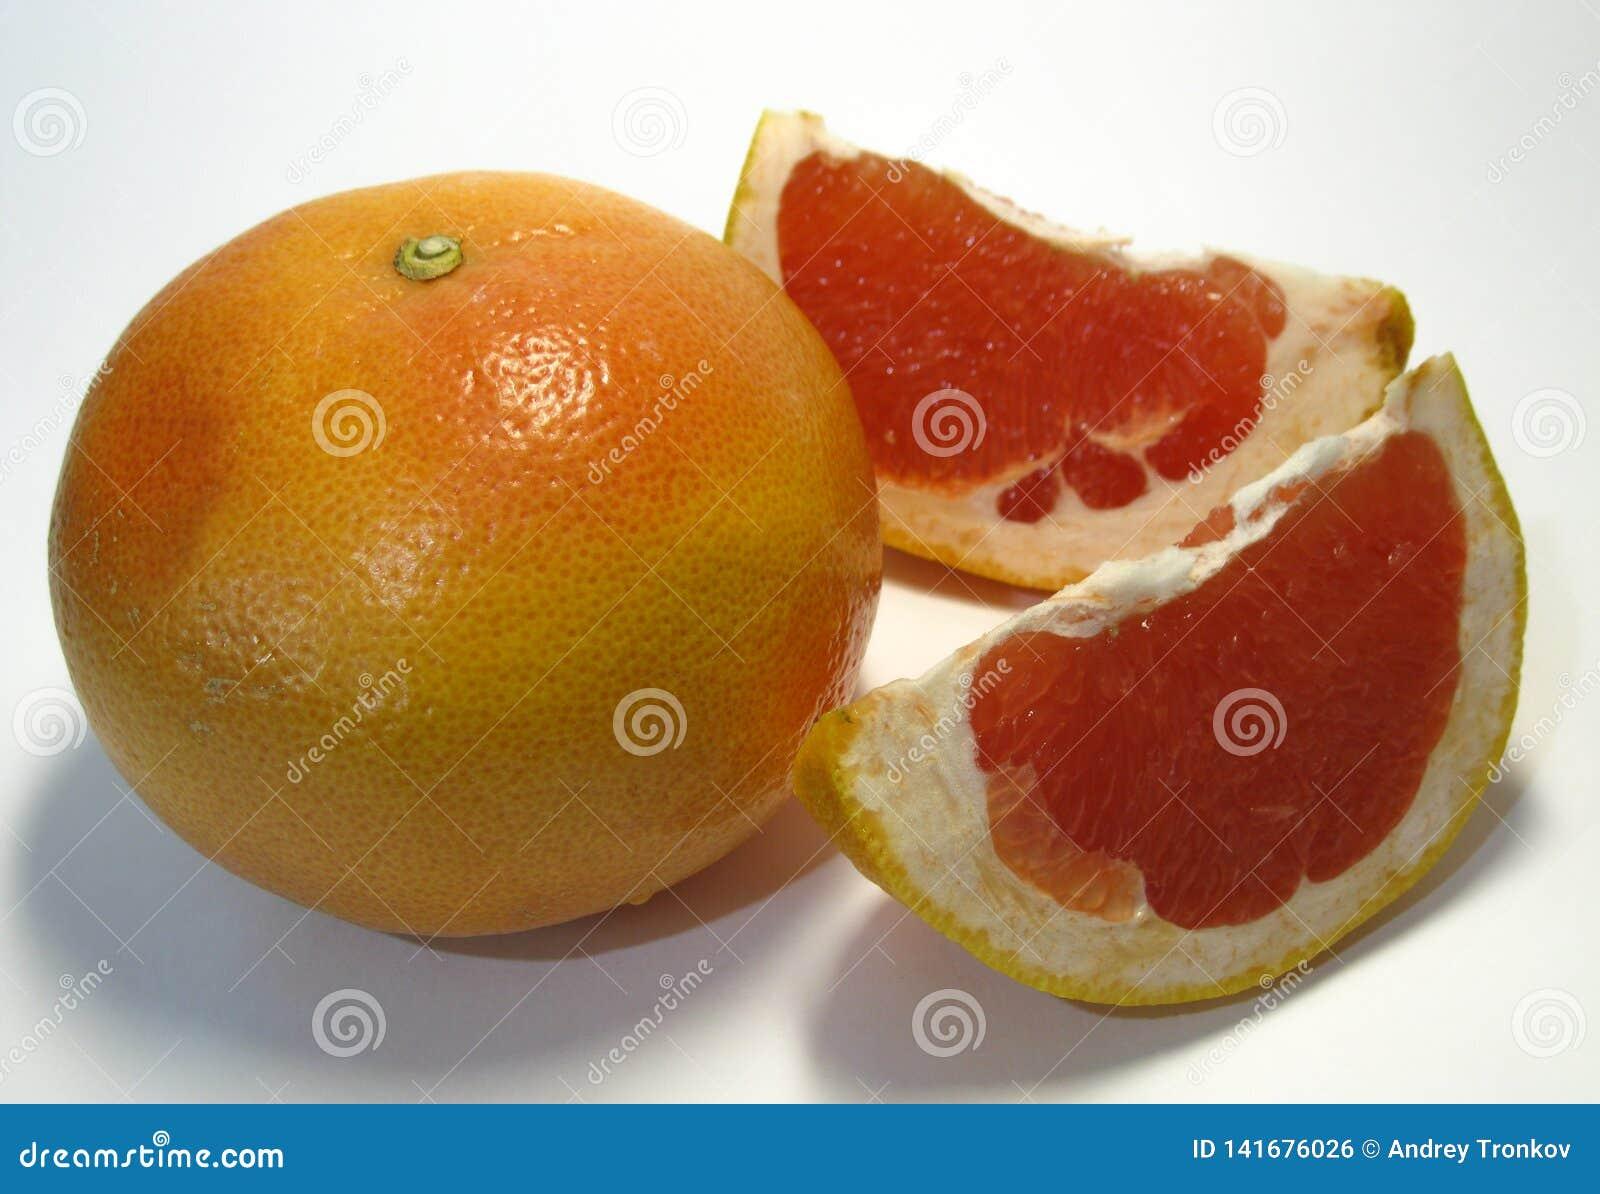 Le pamplemousse est un hybride d orange et le pamplemousse, le goût de ce fruit remarquable est bonbon très riche aigre avec l am